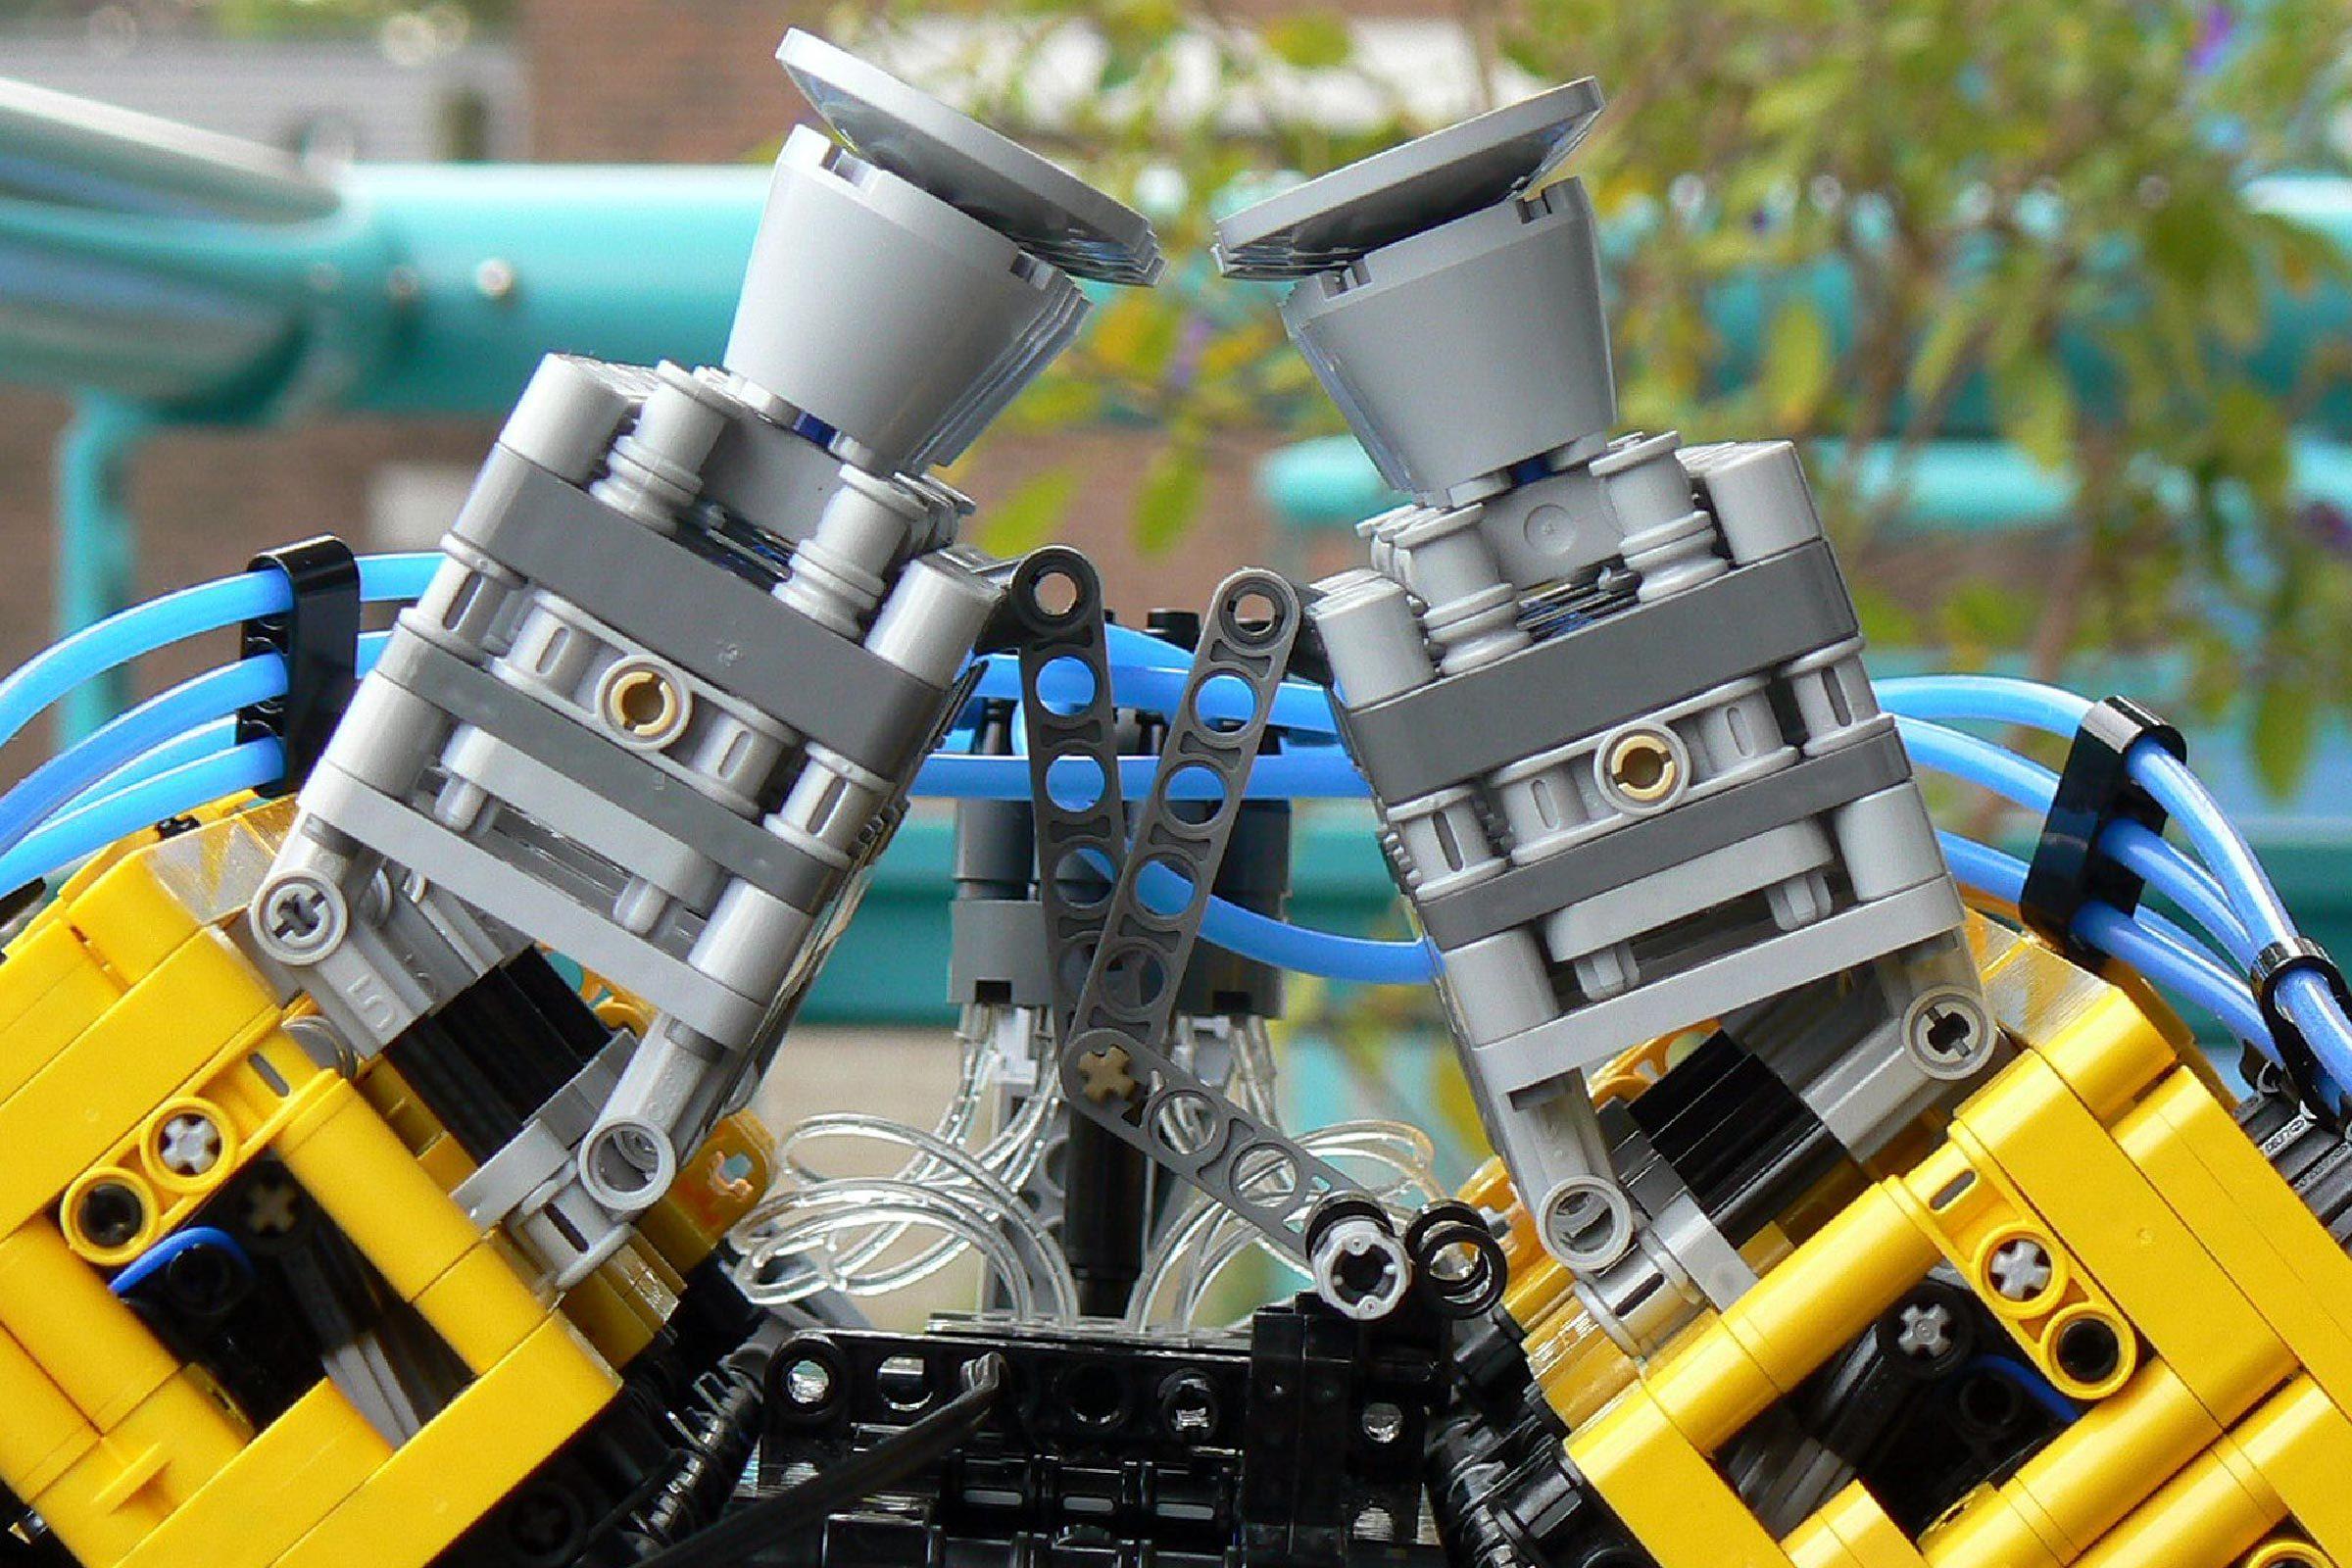 Fully-working V8 Lego engine